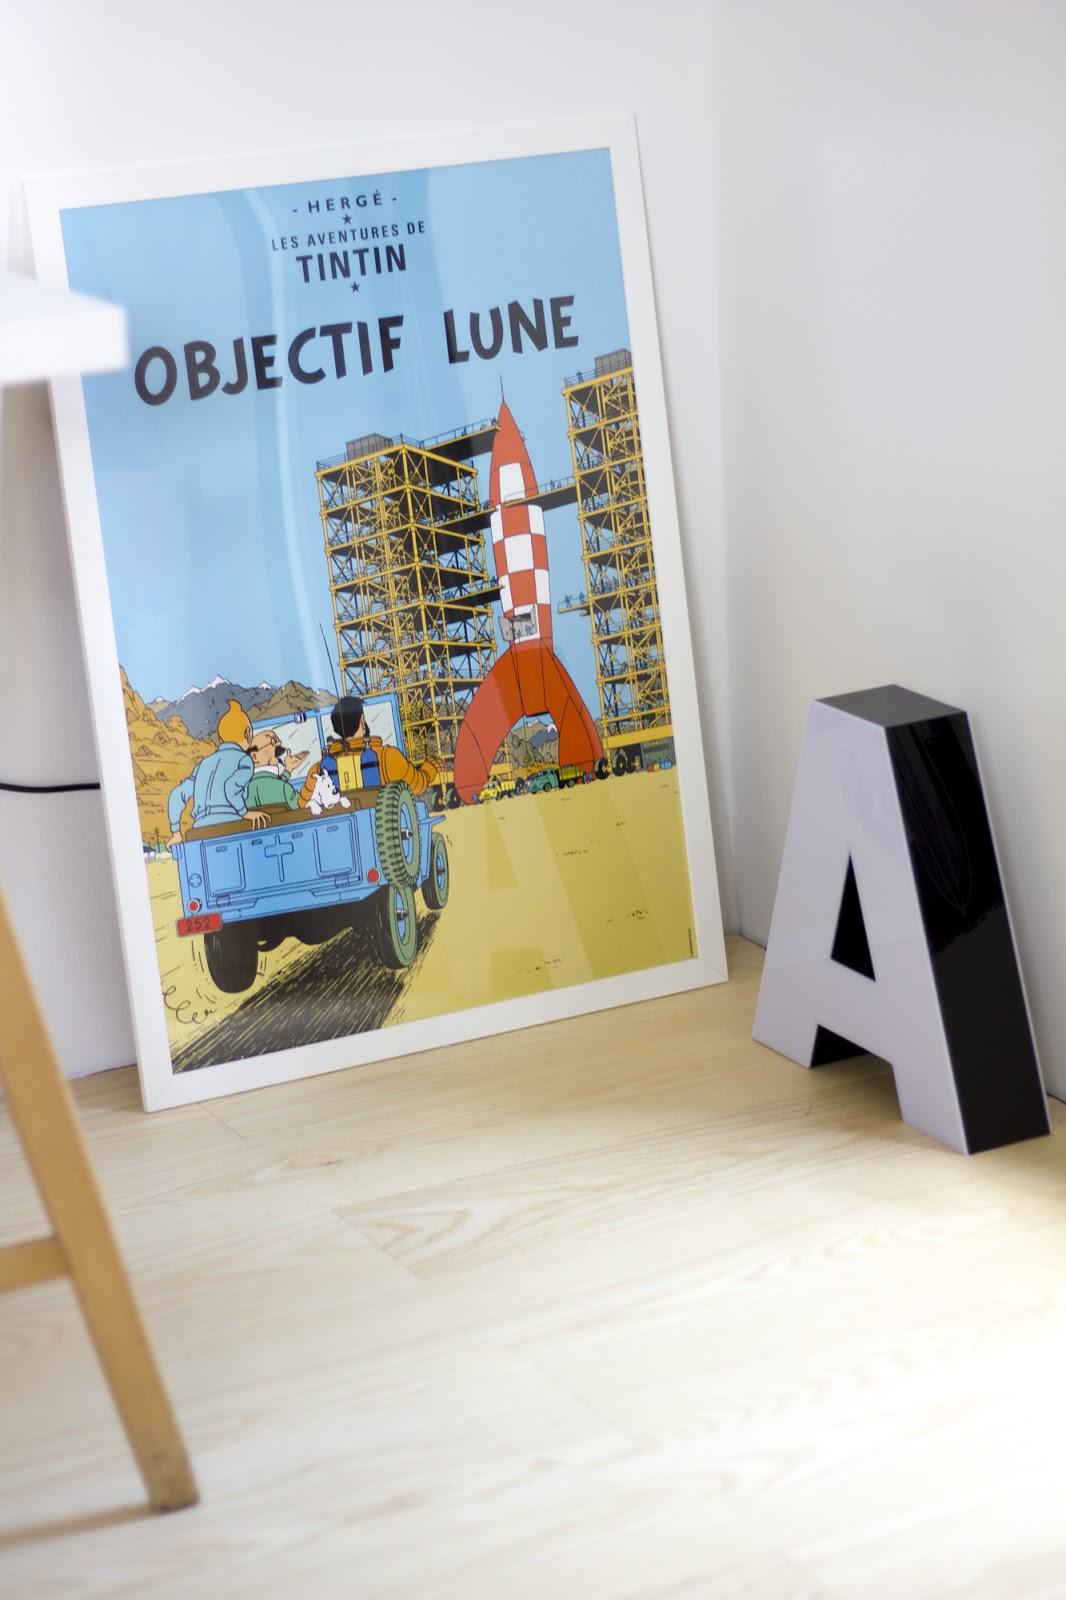 Lastenhuoneen Tintti juliste